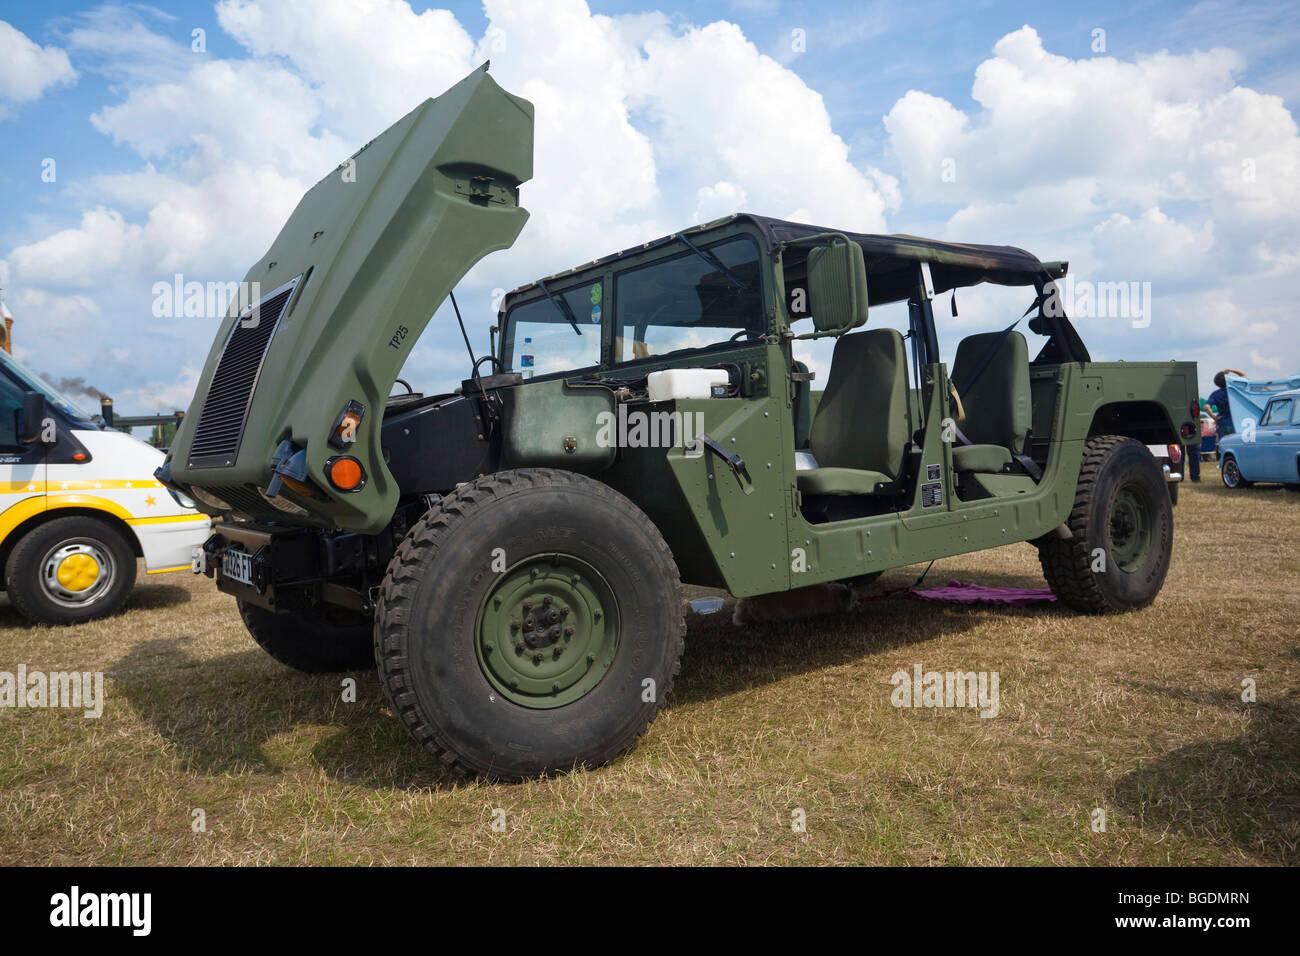 Vehículo Humvee militar en exhibición en el salón del automóvil en el REINO UNIDO Imagen De Stock